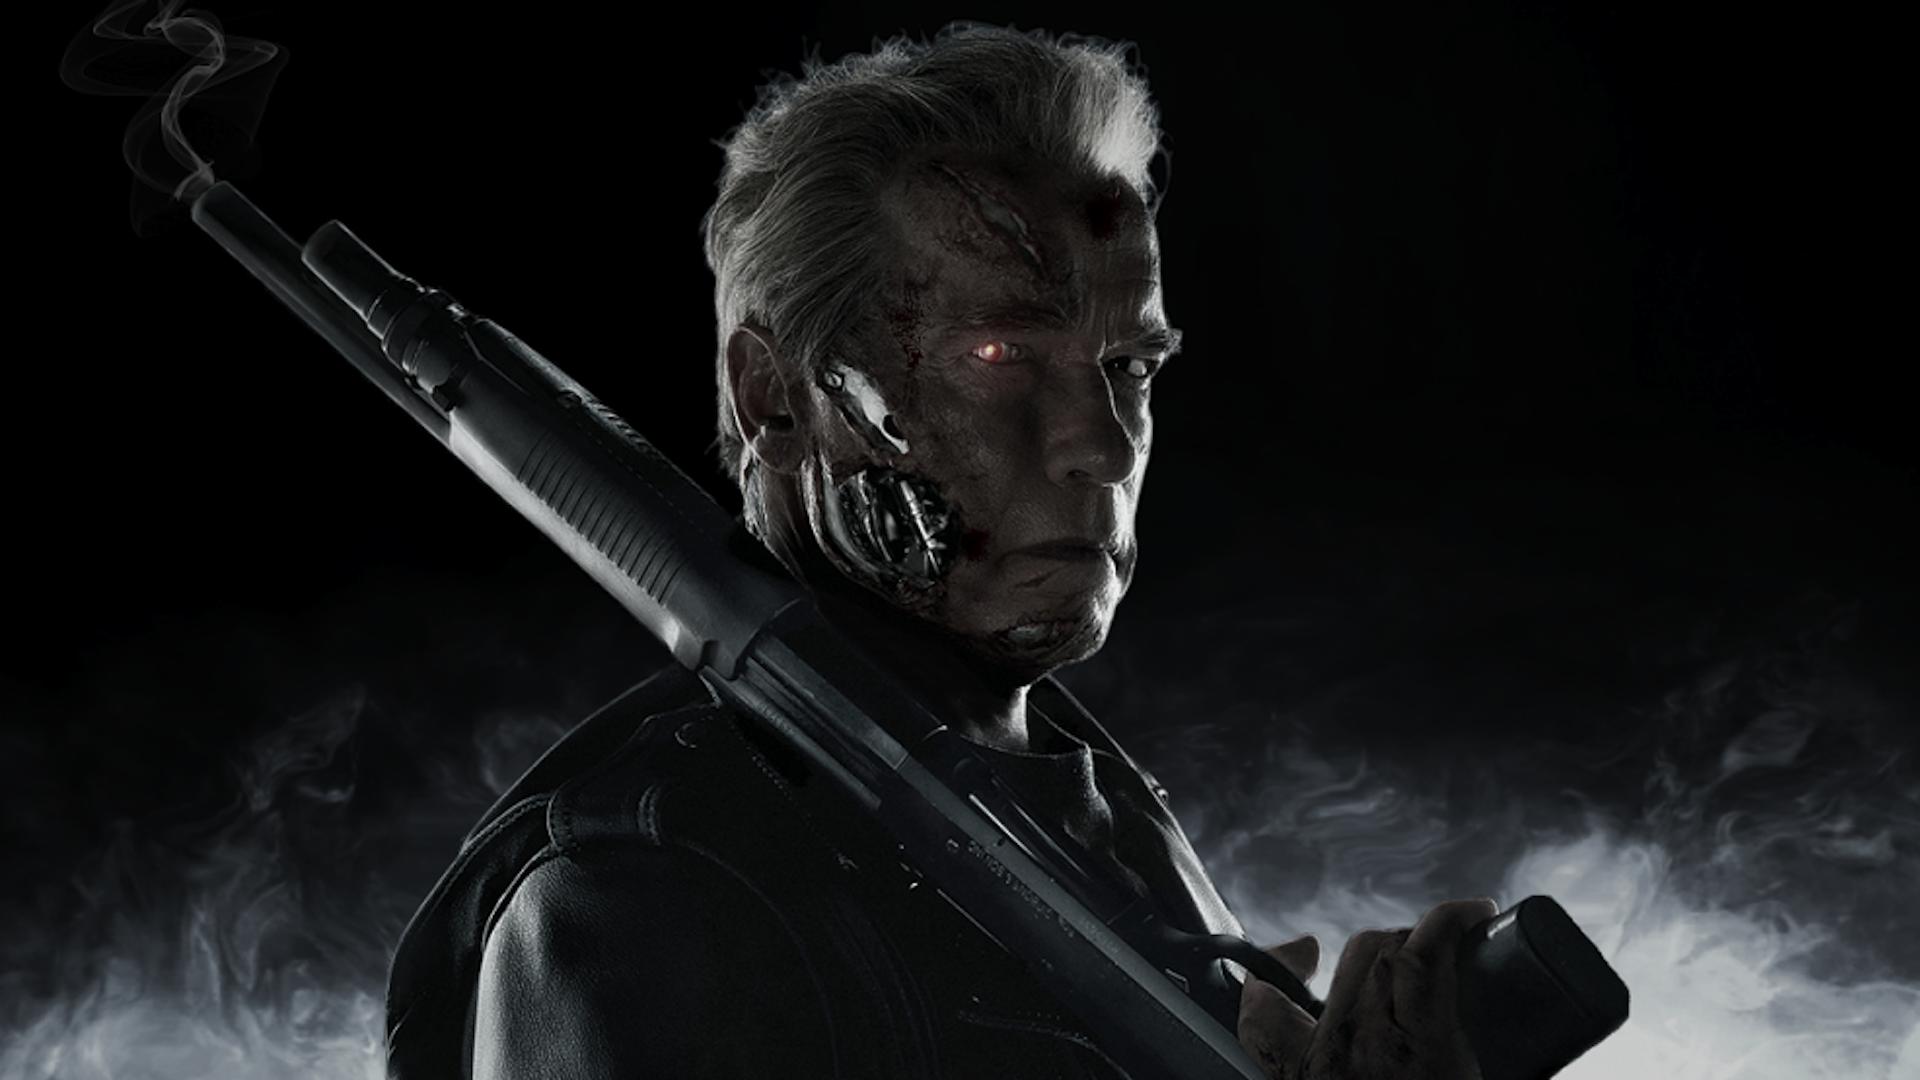 Джона Коннора в «Терминаторе: Темная судьба» сыграет актер из второй части